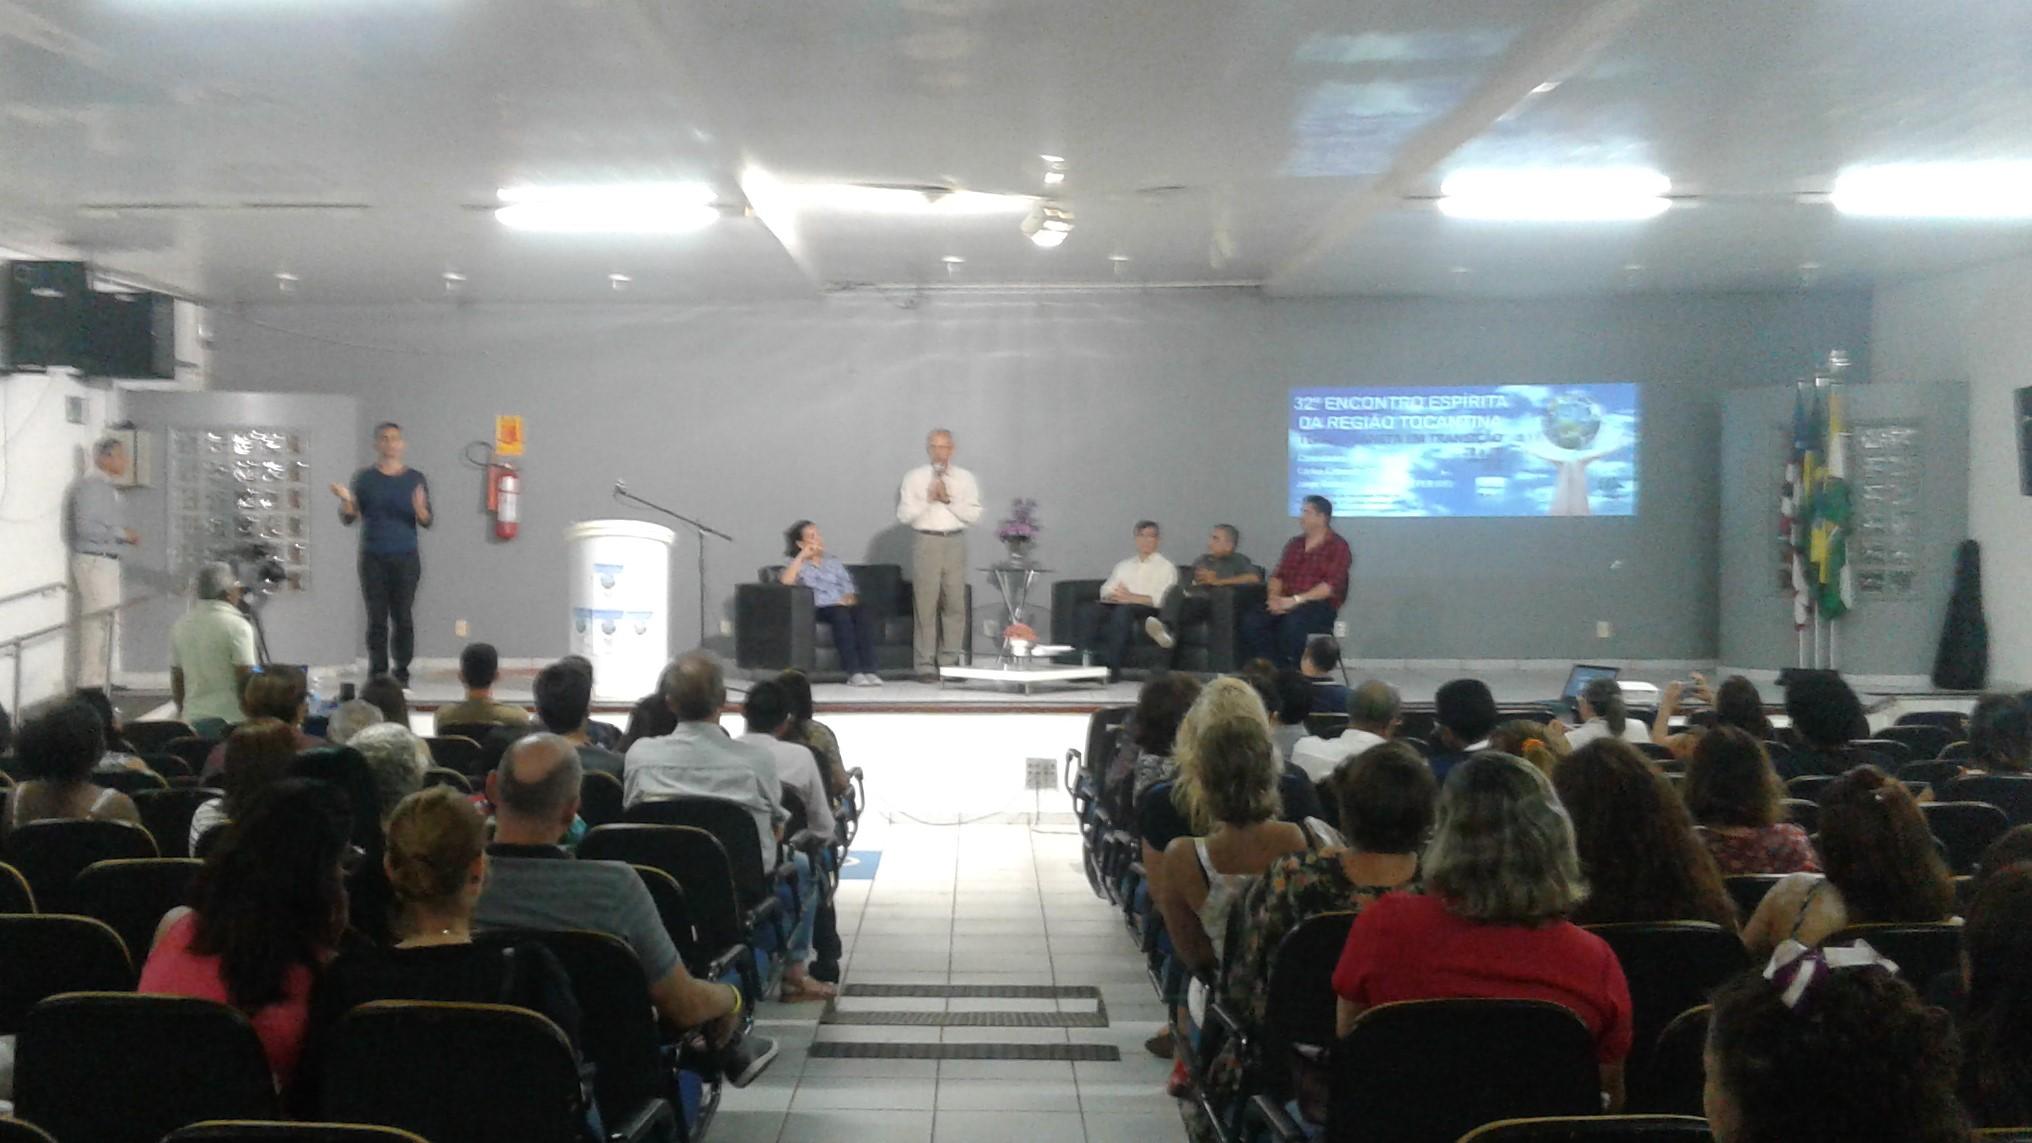 FEB participa do 32º Encontro da Região Tocantina em Imperatriz-MA 2